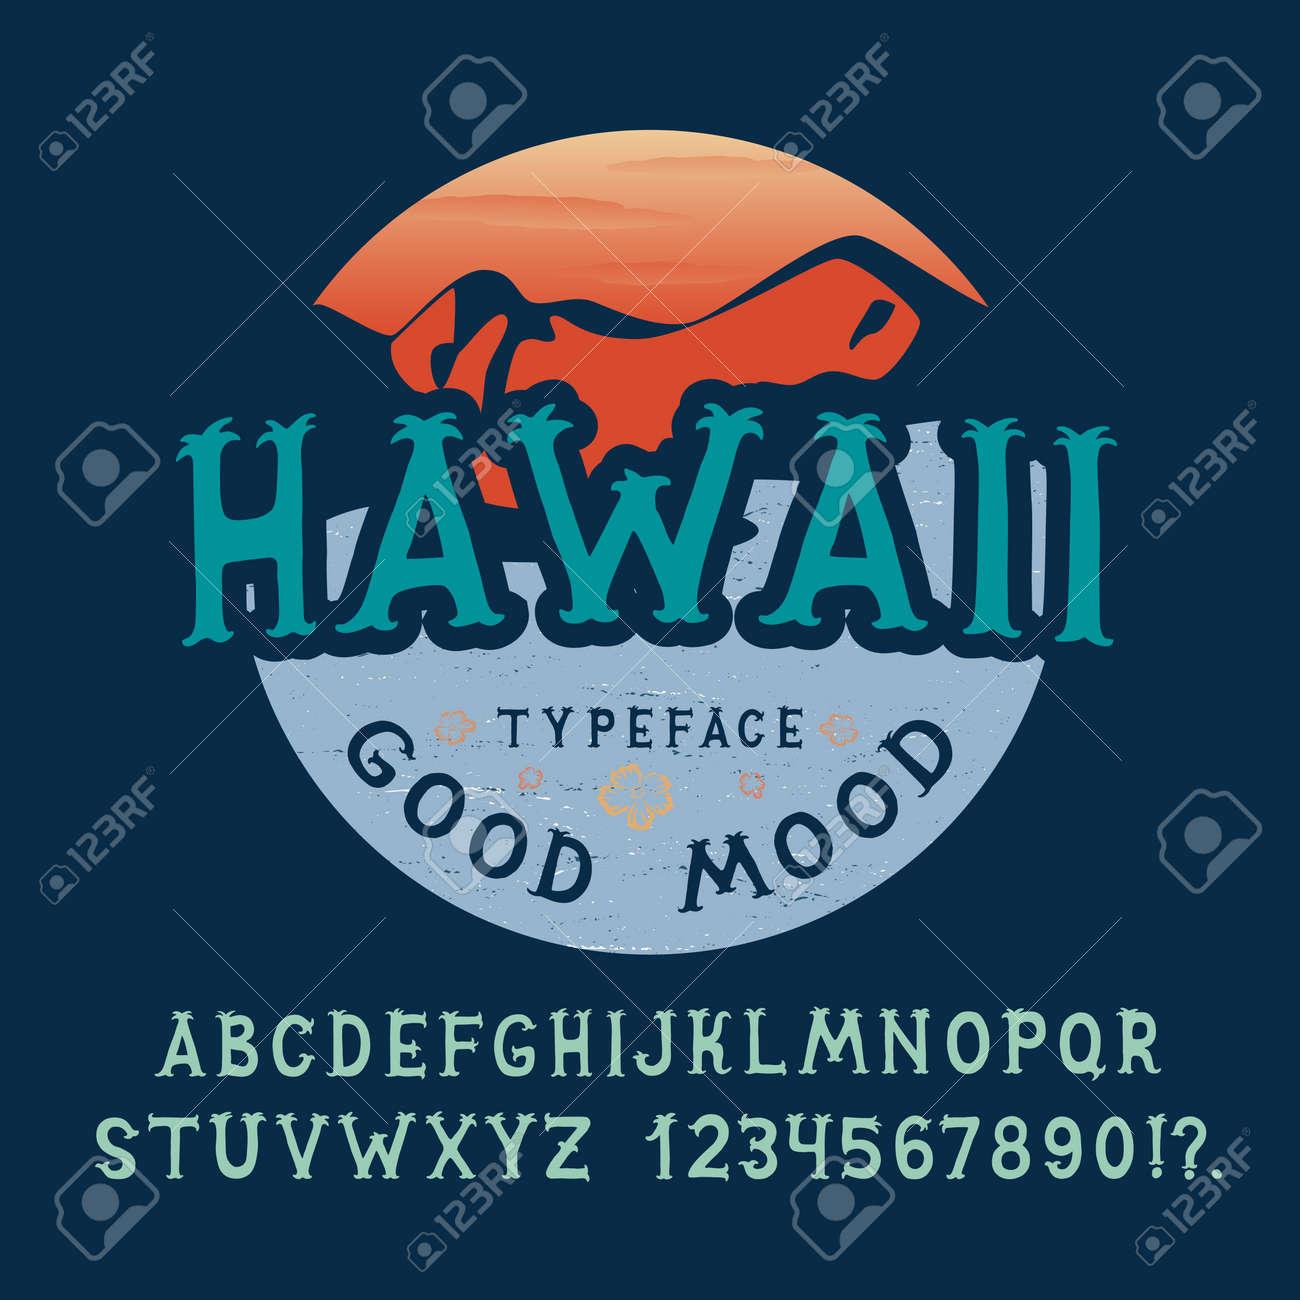 Fuente De Hawaii Hechos A Mano Diseño Retro Tipografía De época